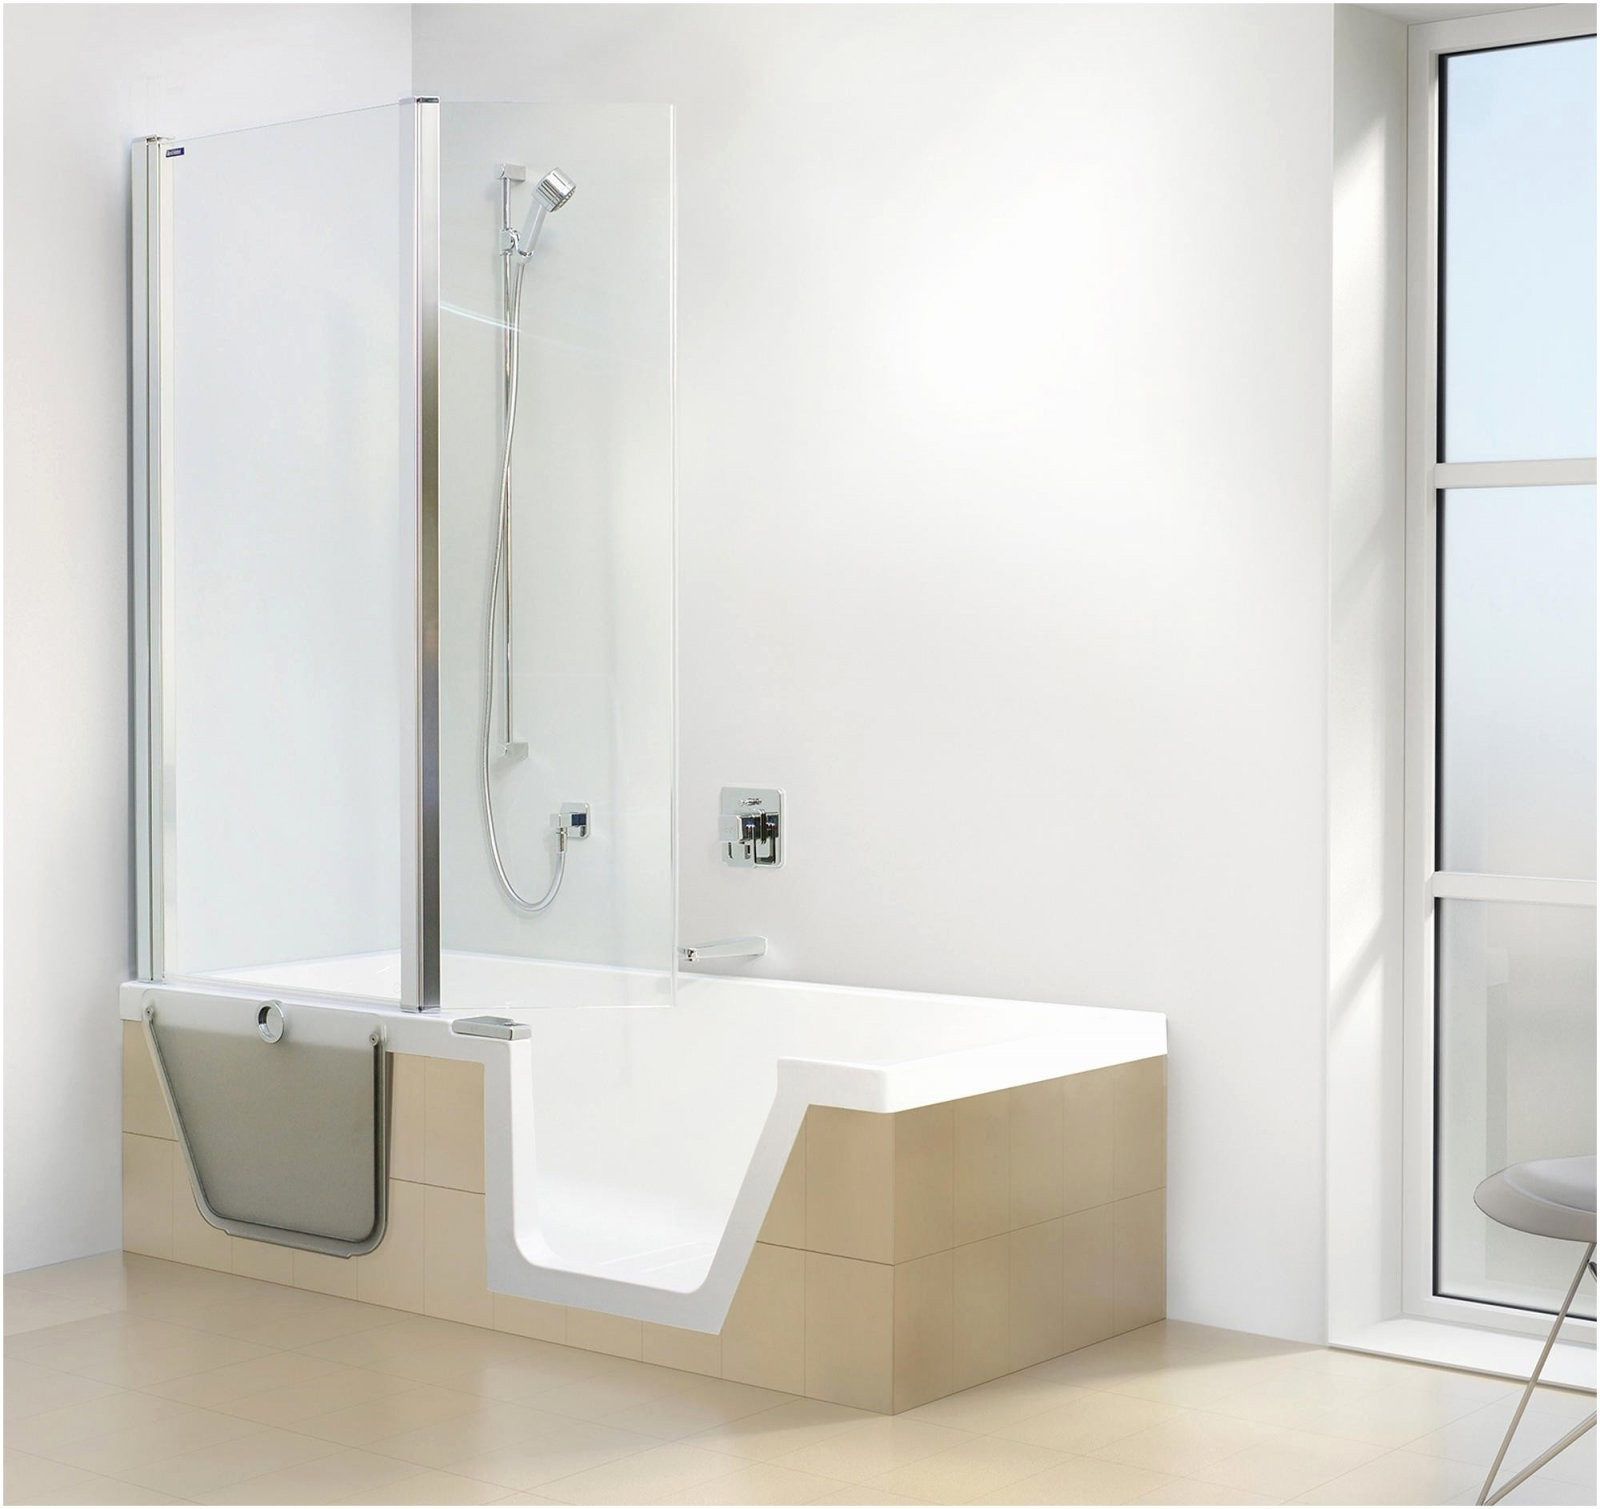 Wanne Zur Dusche Kosten Die Neueste Dusche Umbauen Ebenerdig Kosten von Badsanierung Kosten Pro Qm Photo